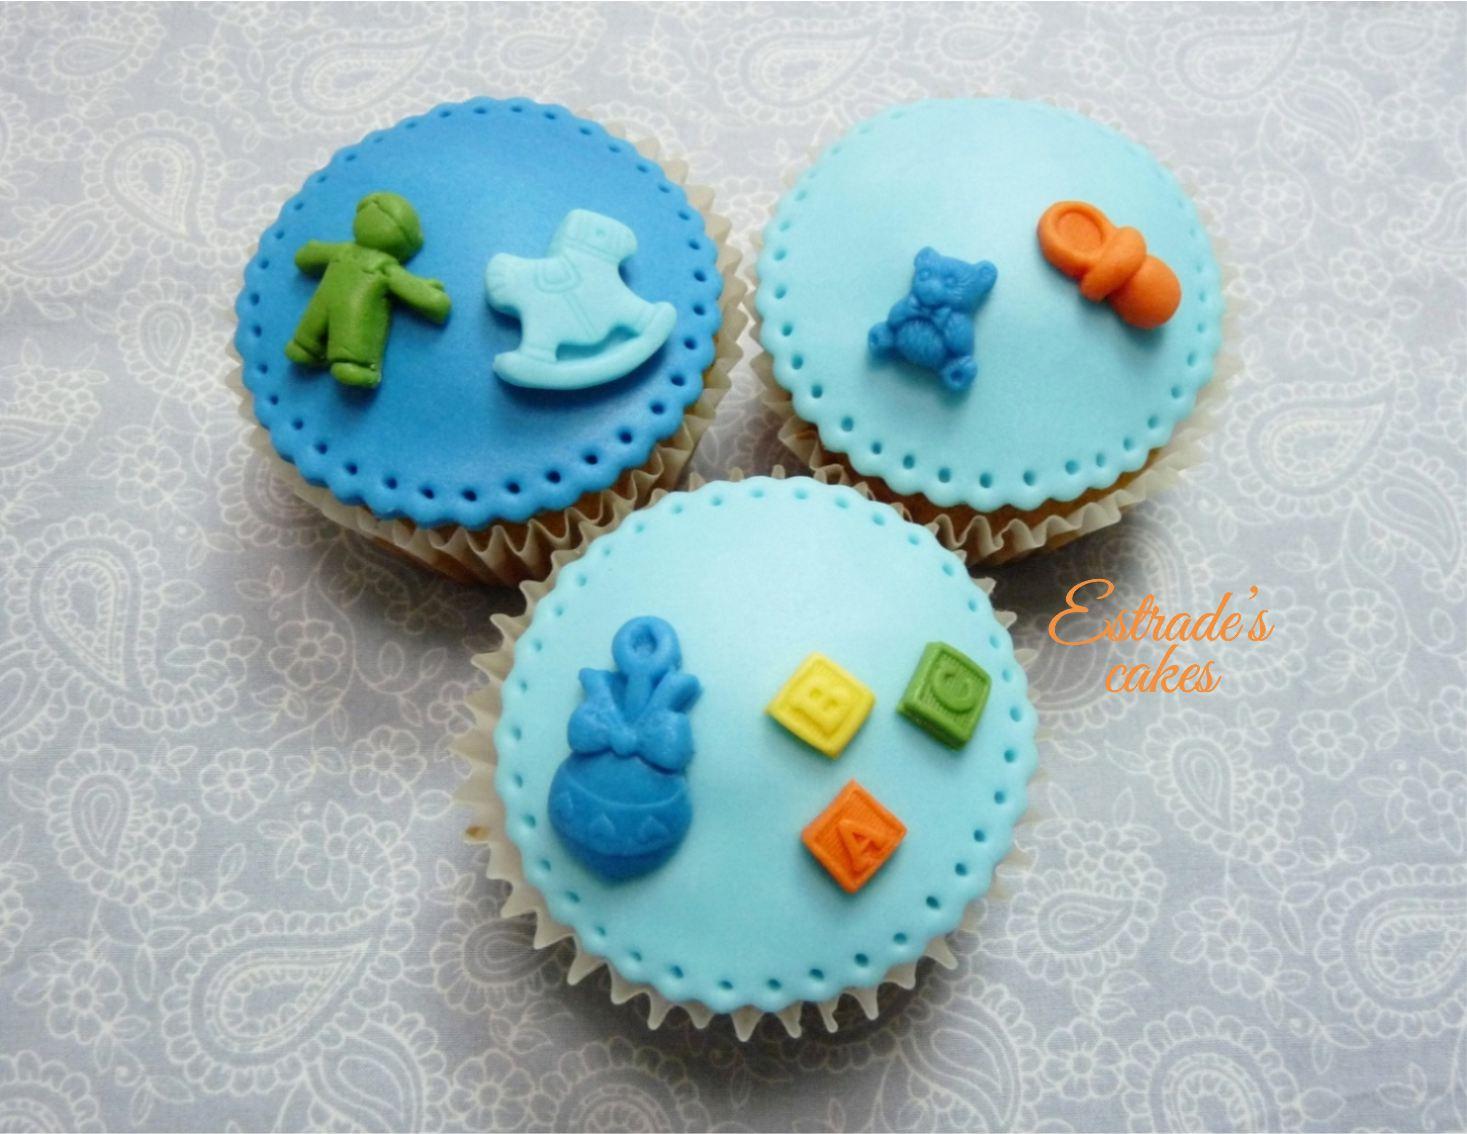 cupcakes para bebé con fondant 2 - 2